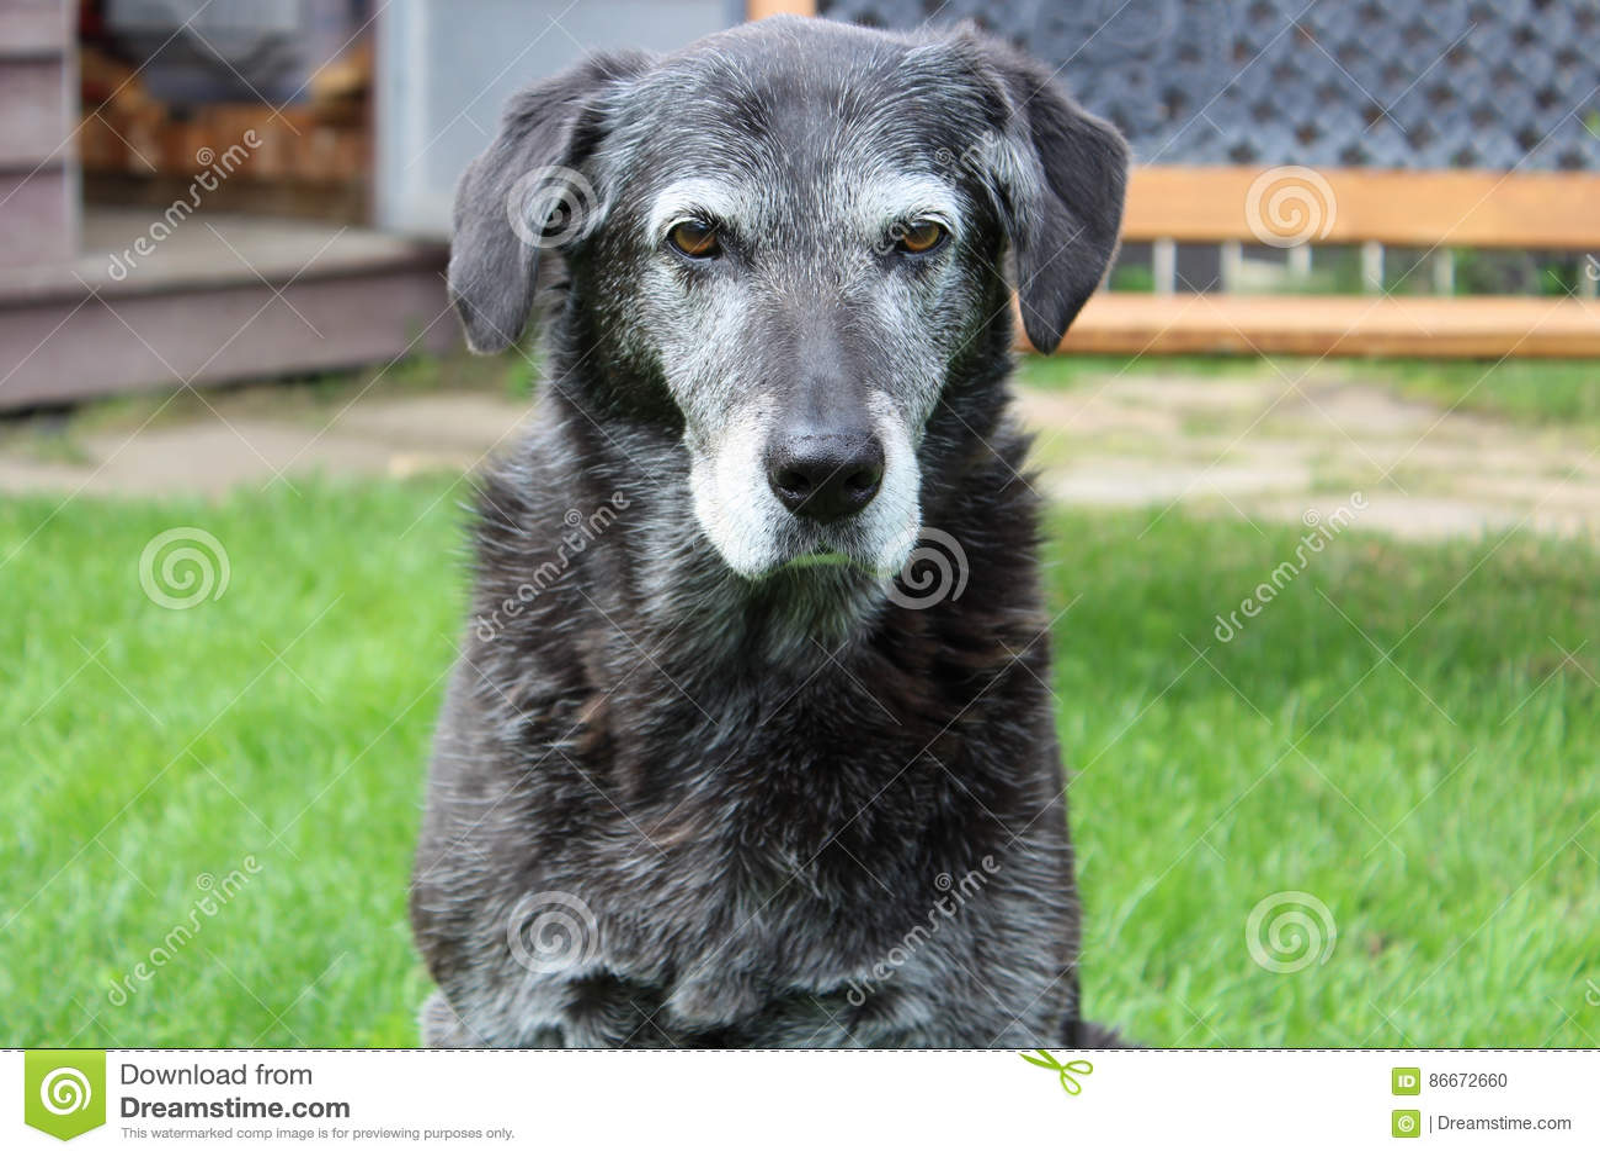 Gderliwy seniora pies w podwórku